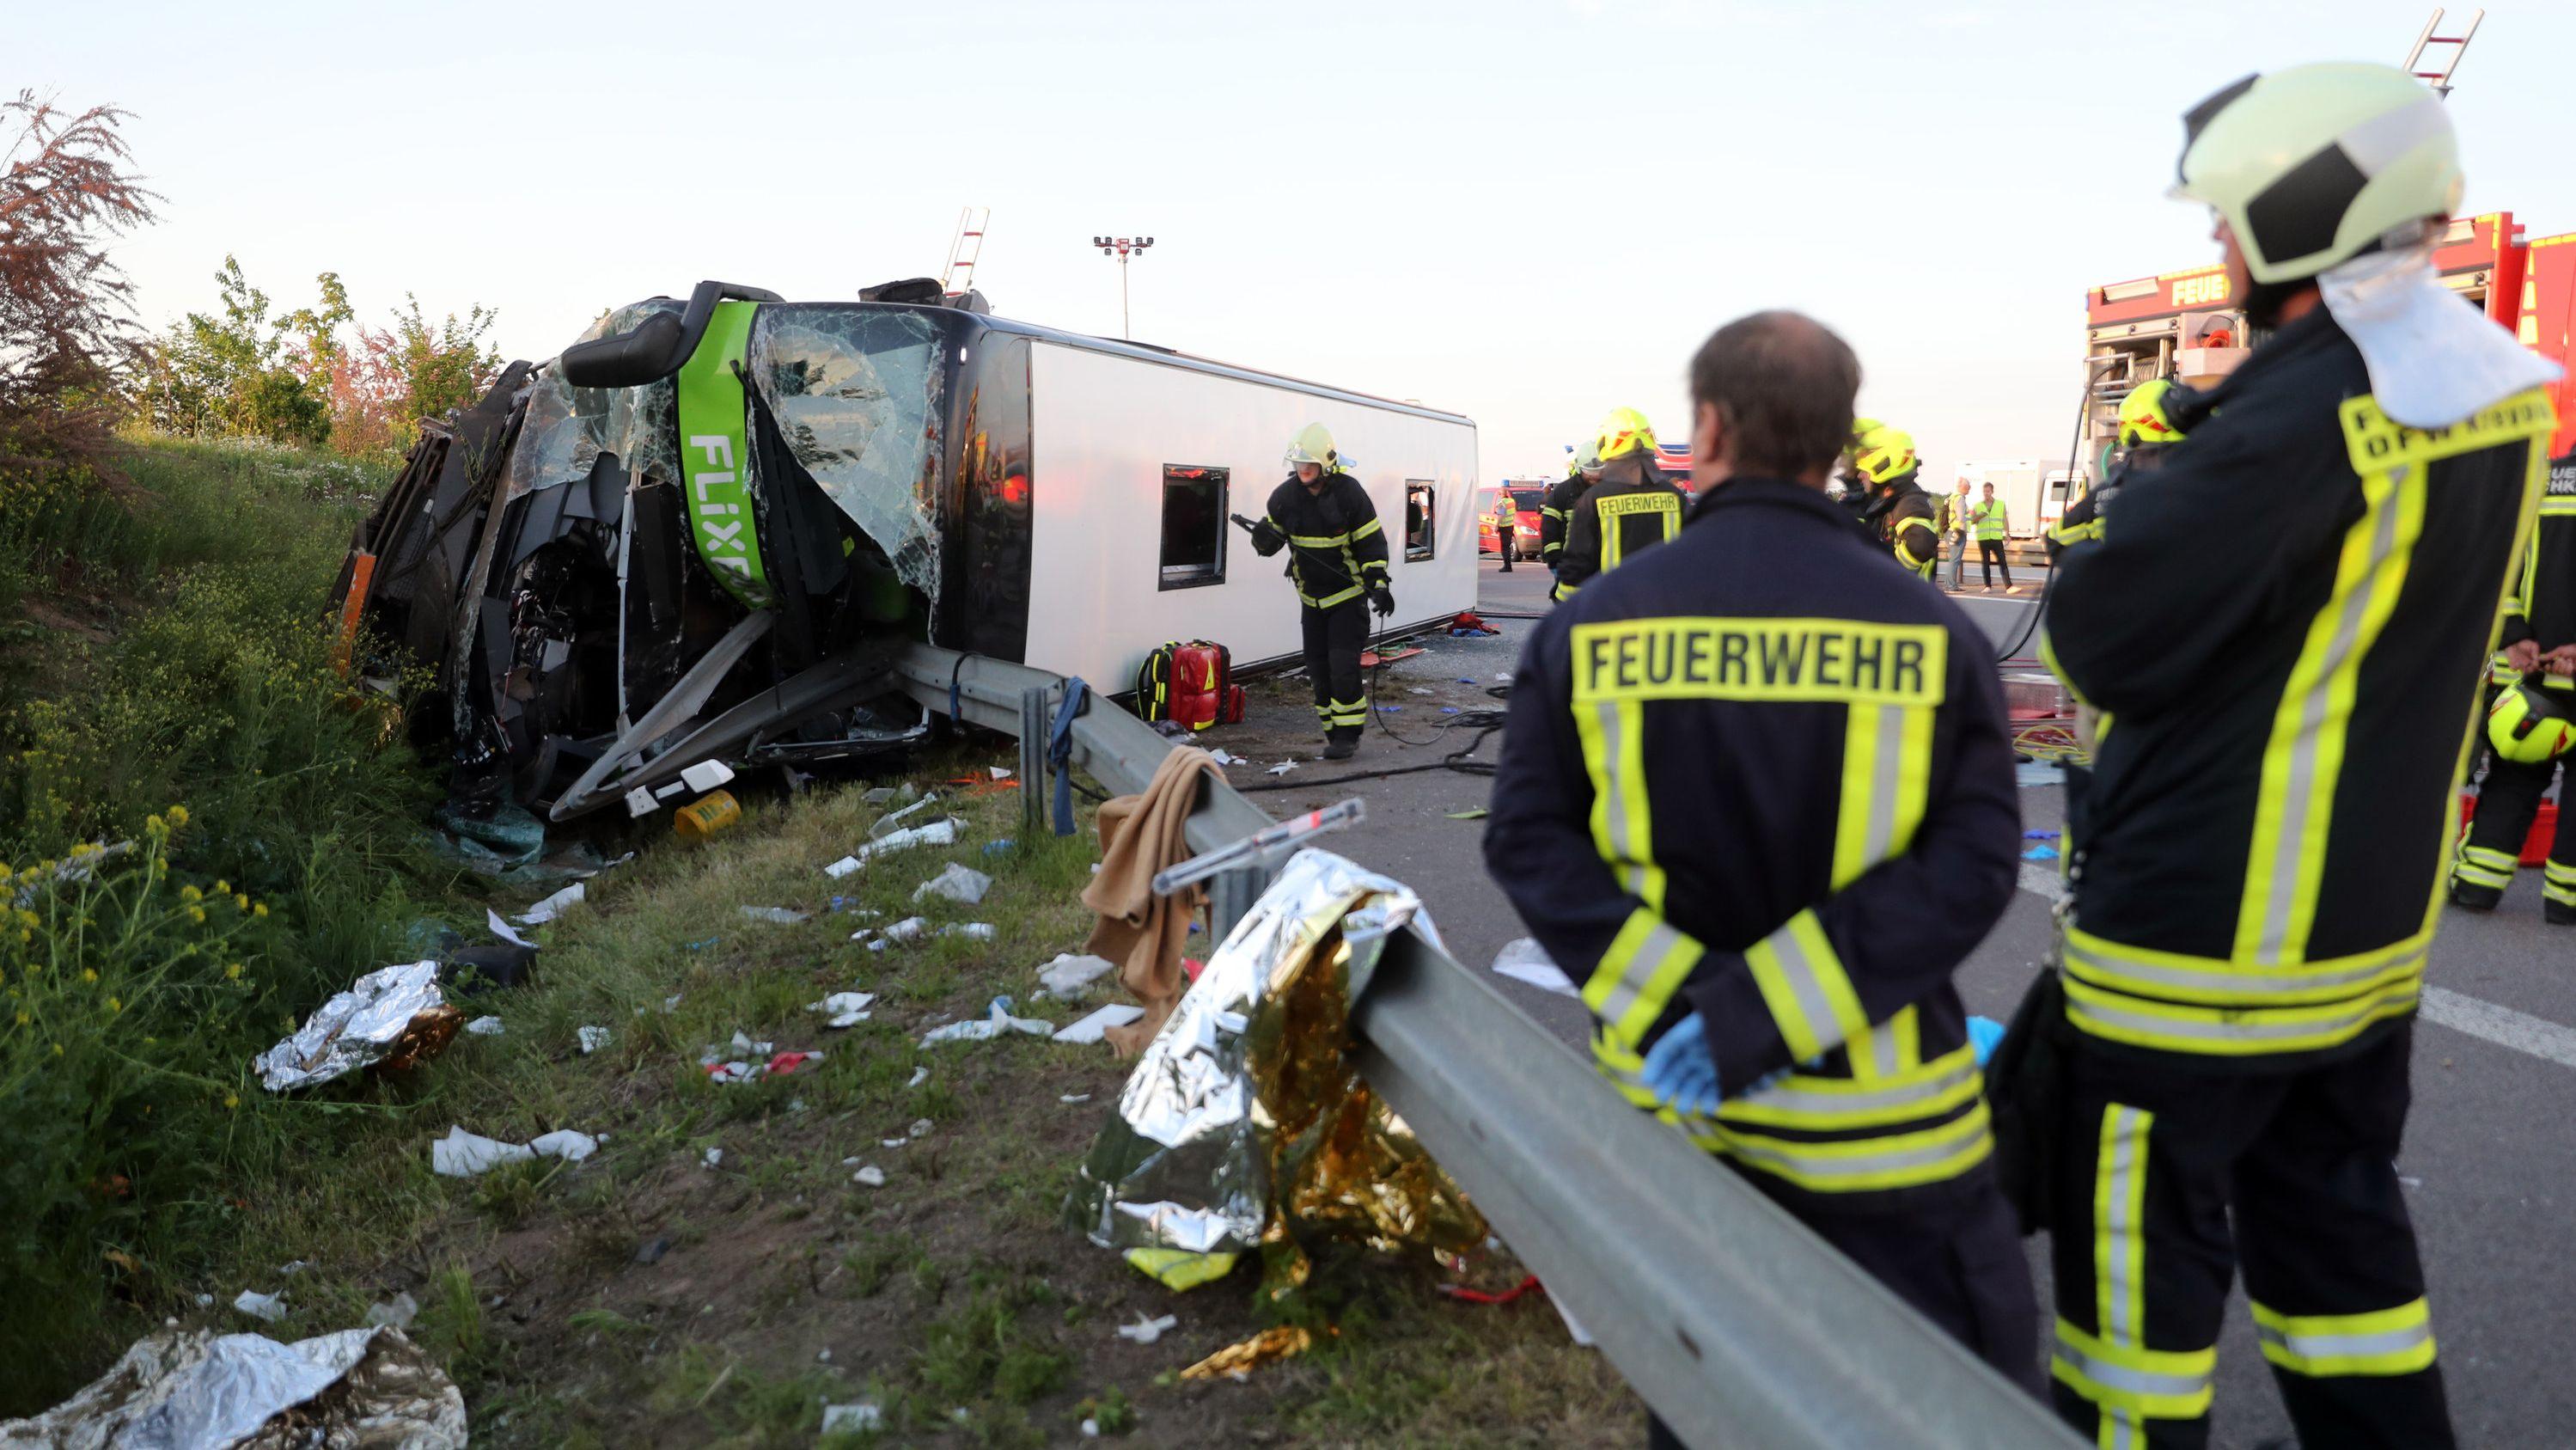 Archivbild: Am 19.05.2019 auf der A9 bei Leipzig: Einsatzkräfte der Feuerwehr stehen an der Unfallstelle neben dem verunglückten Bus.